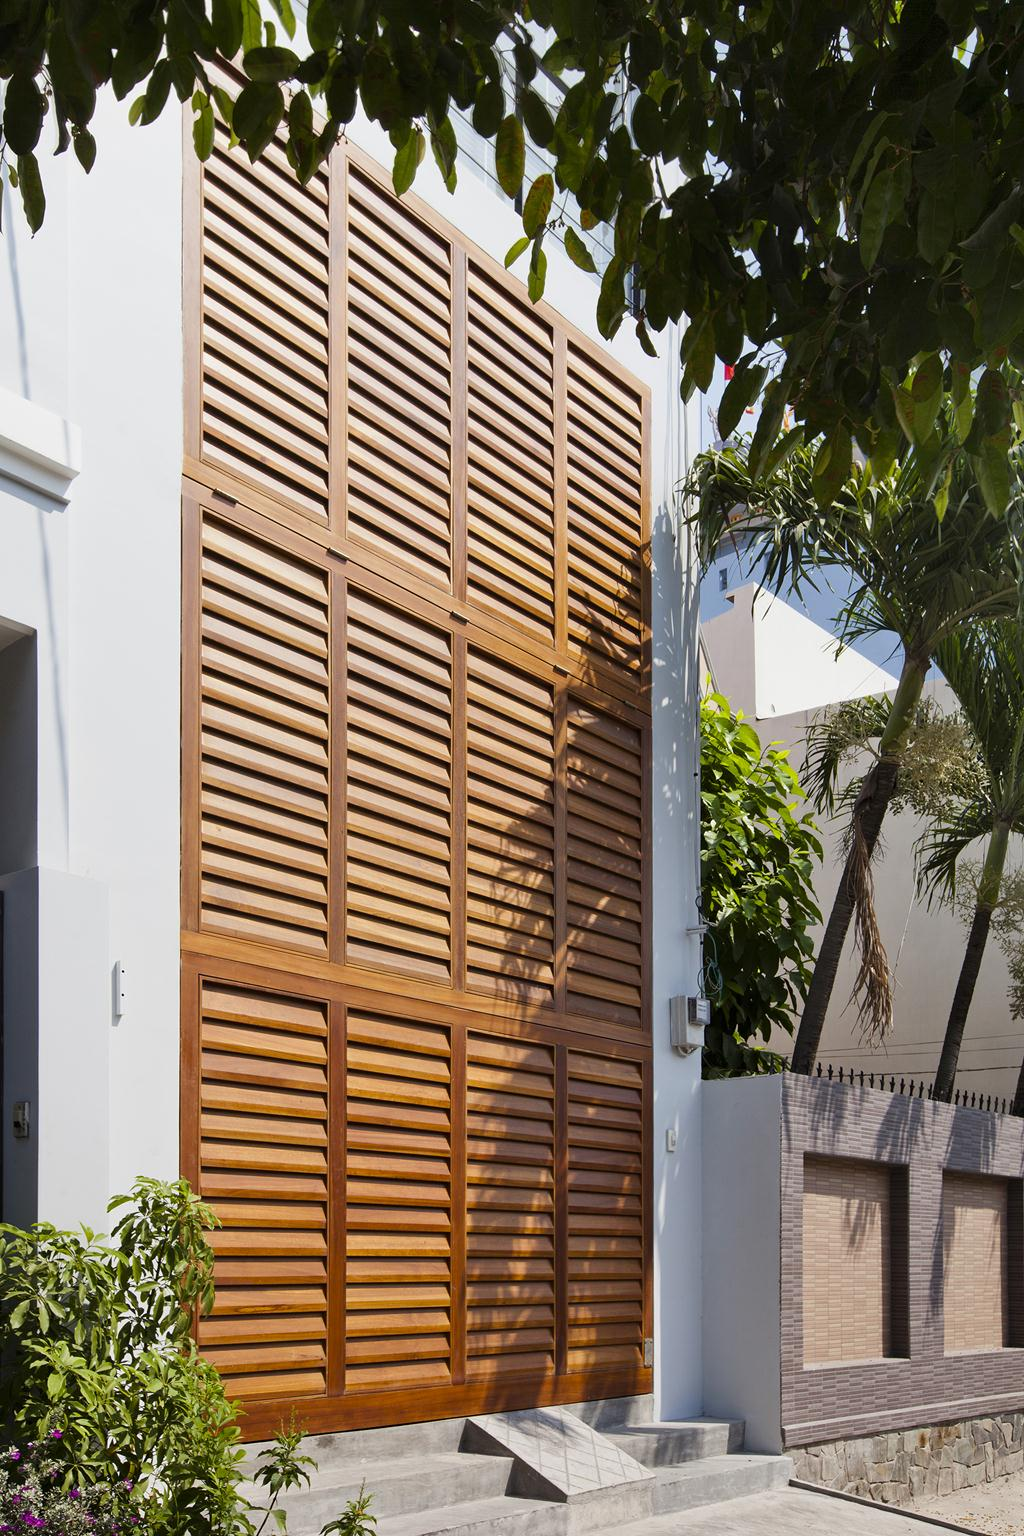 Sài Gòn: Nhà ống 68m² vẫn đẹp ngất ngây với mặt tiền cửa chớp - Ảnh 4.